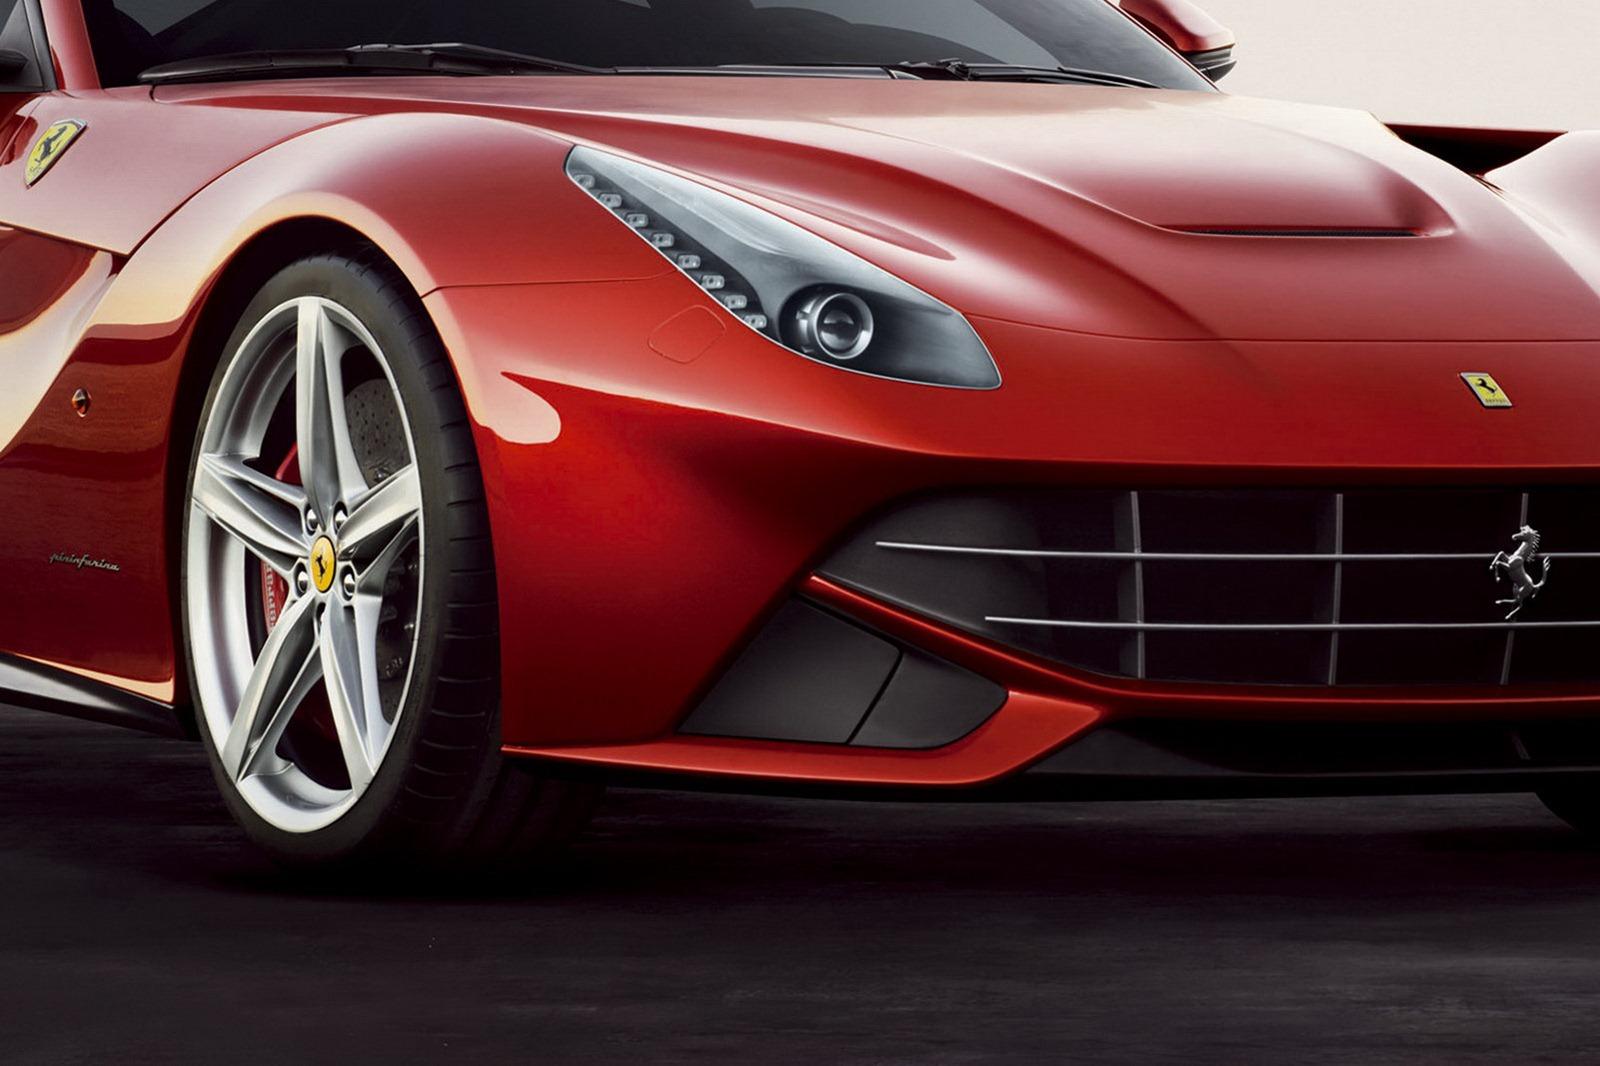 http://2.bp.blogspot.com/-1sZ9xvU-Uy8/T2QdsjjxskI/AAAAAAAACl8/E3b-djnuvrU/s1600/Ferrari-F12Berlinetta-wallpaper_7.jpg